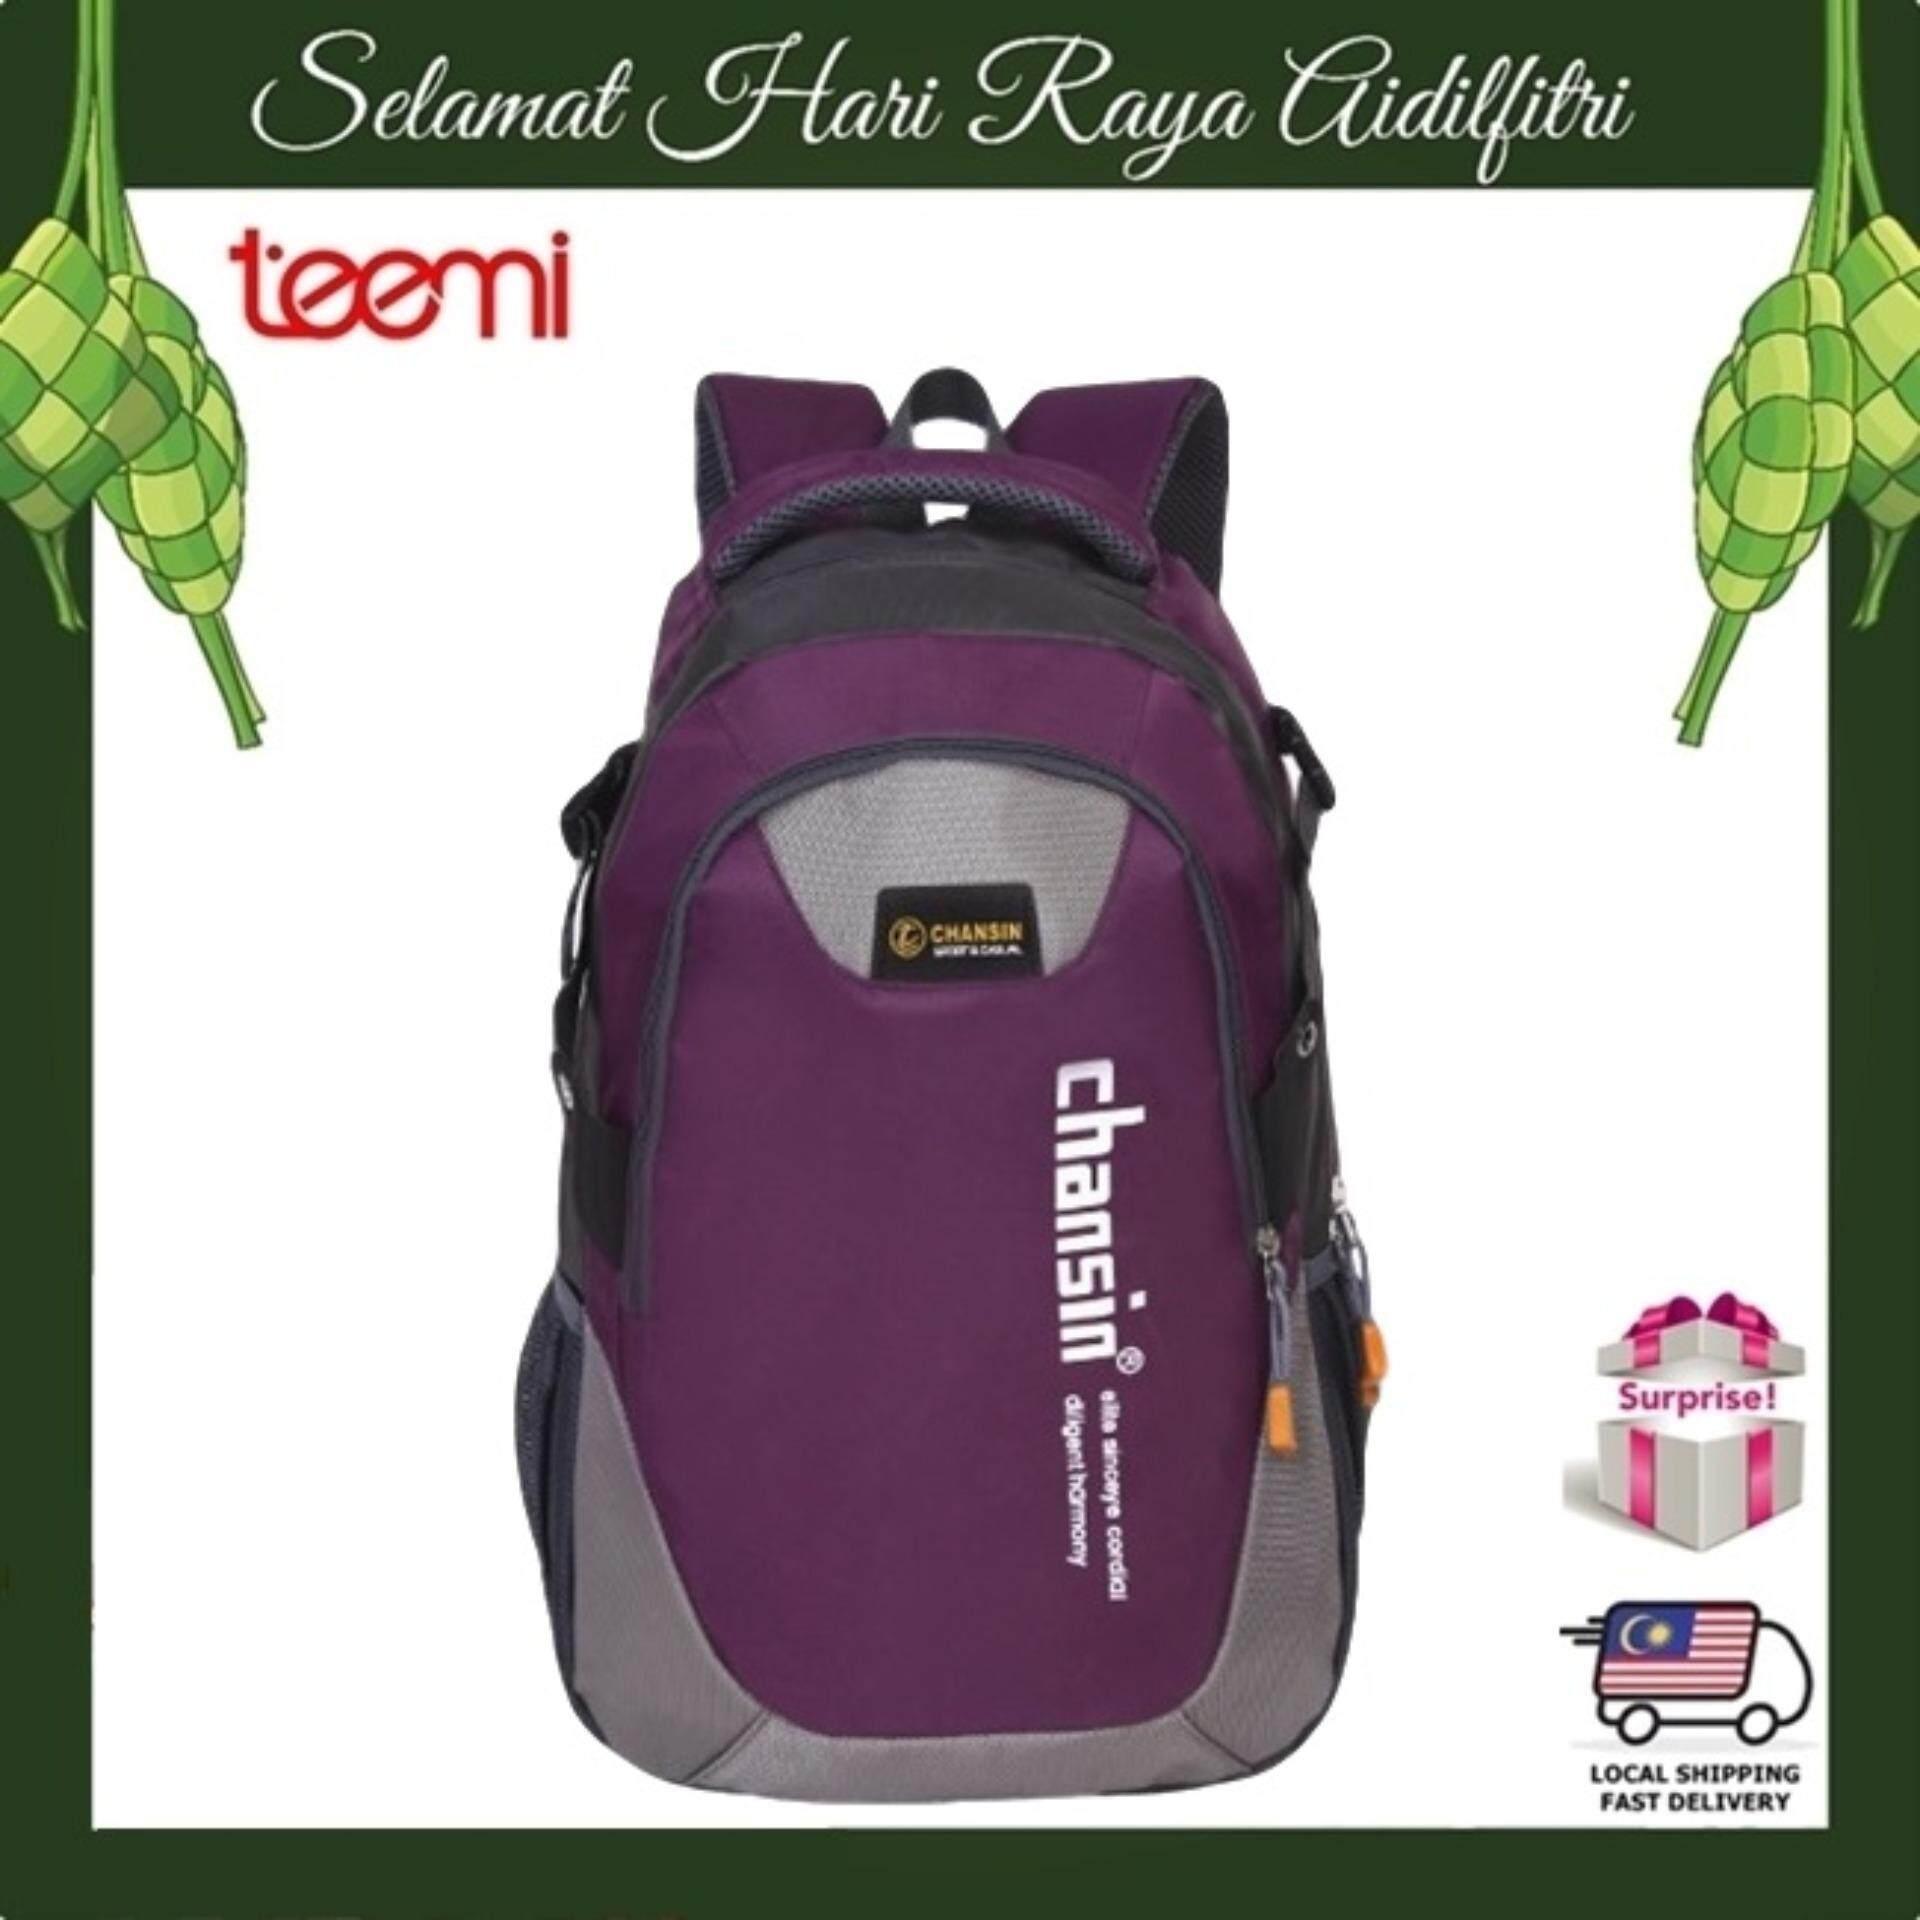 TEEMI Unisex Sports Laptop Hiking Travel Multipurpose Water-Resistant Backpack School Bag - Dark Purple